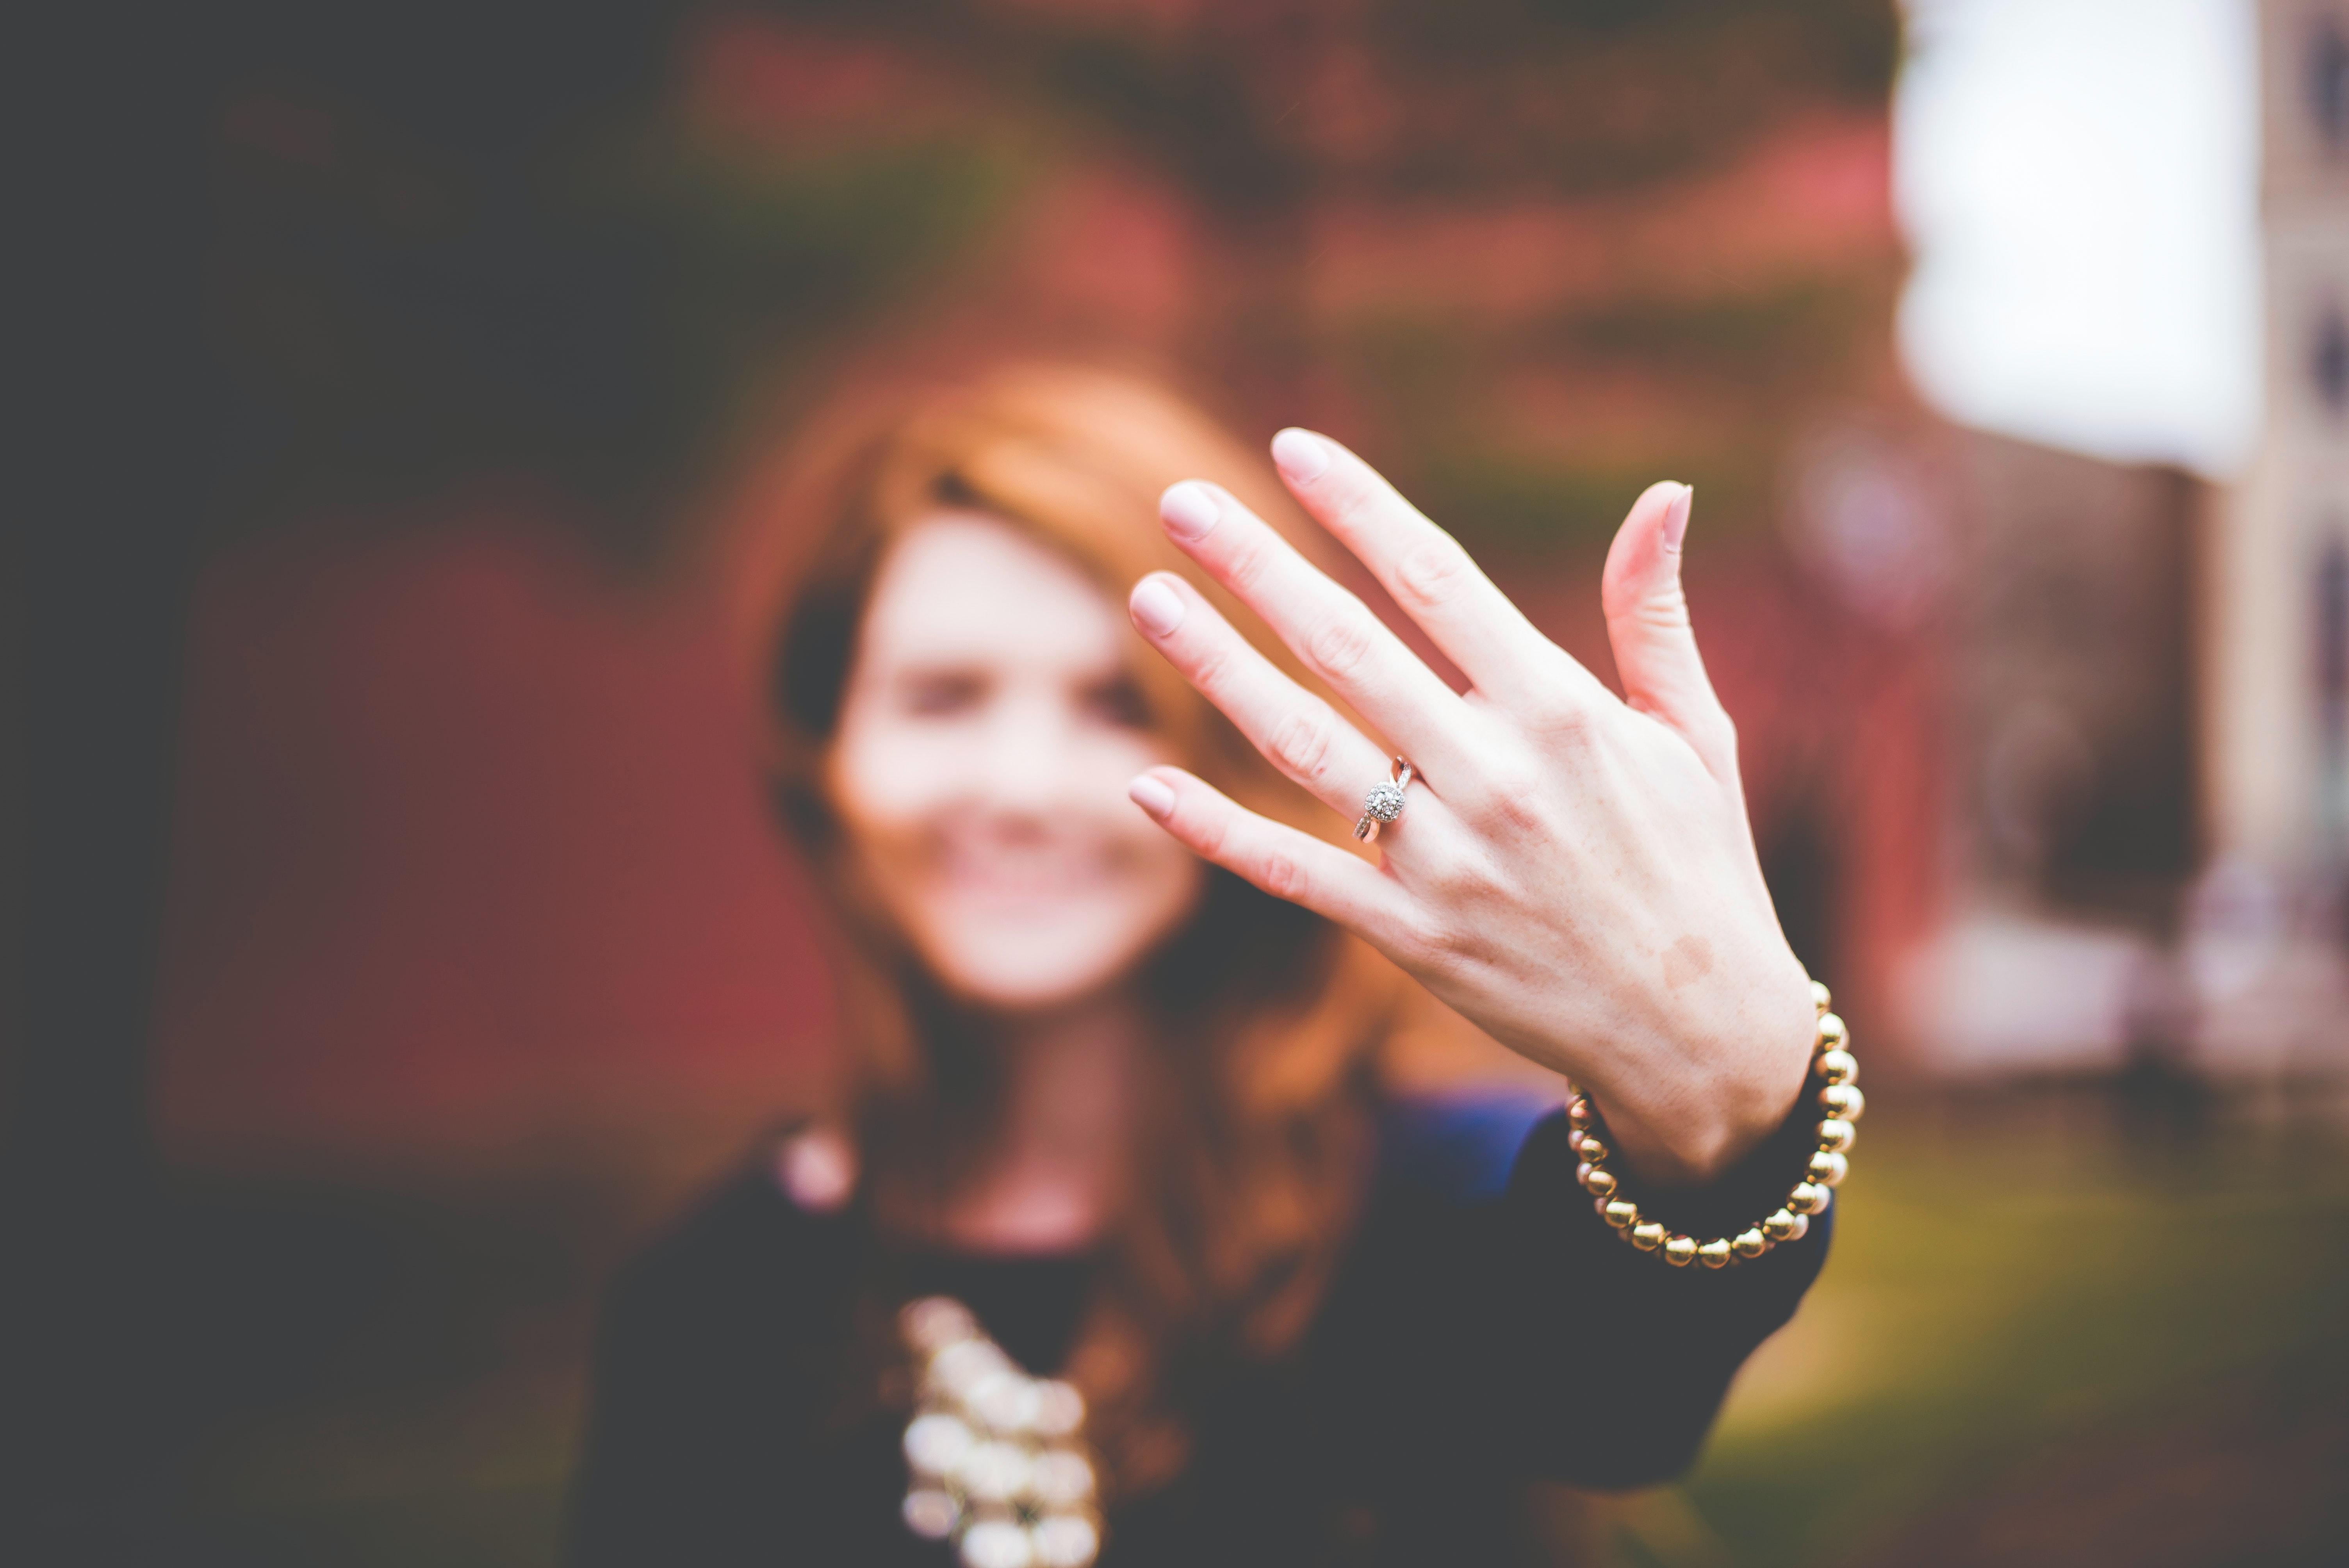 Diciembre es la época más popular para pedir matrimonio